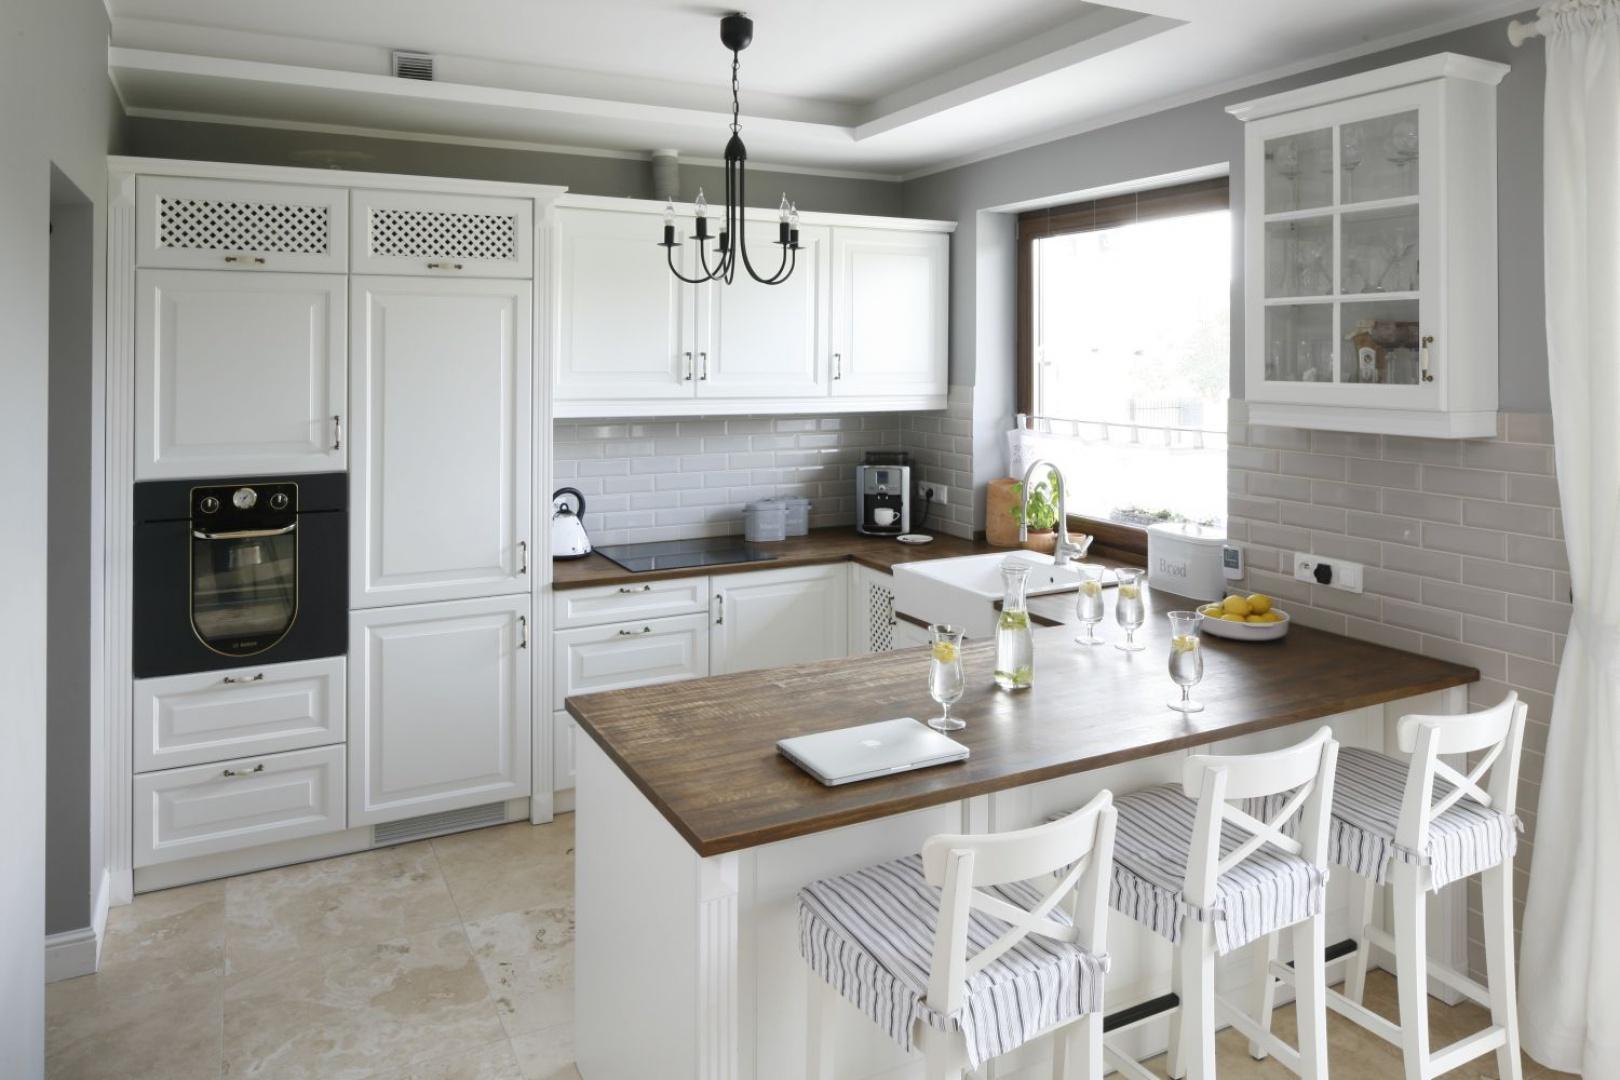 5 Pomyslow Na Kuchnie W Stylu Rustykalnym Galeria Dobrzemieszkaj Pl